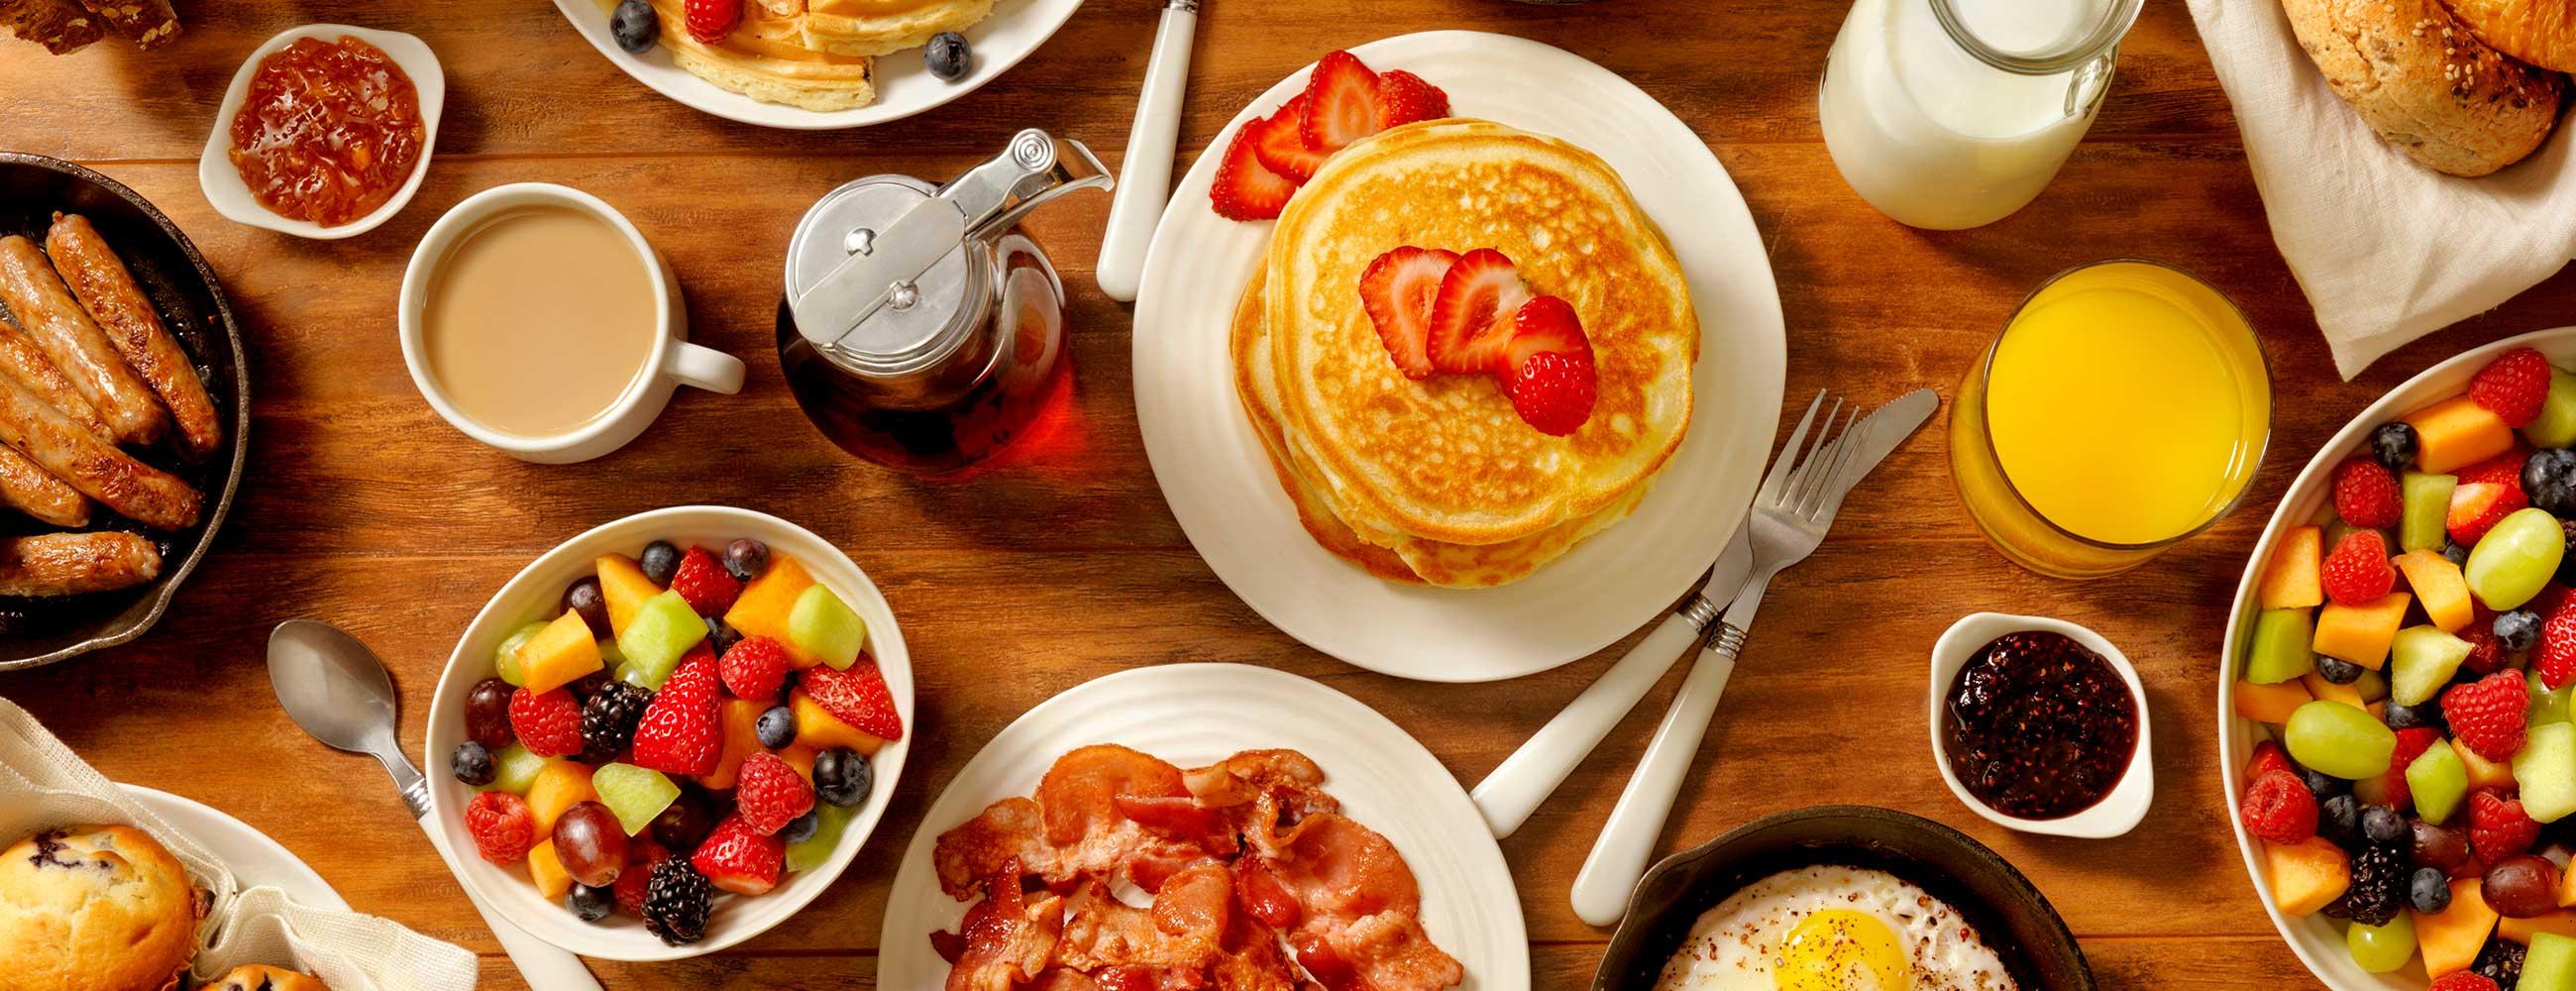 Desayunos-alrededor-del-mundo